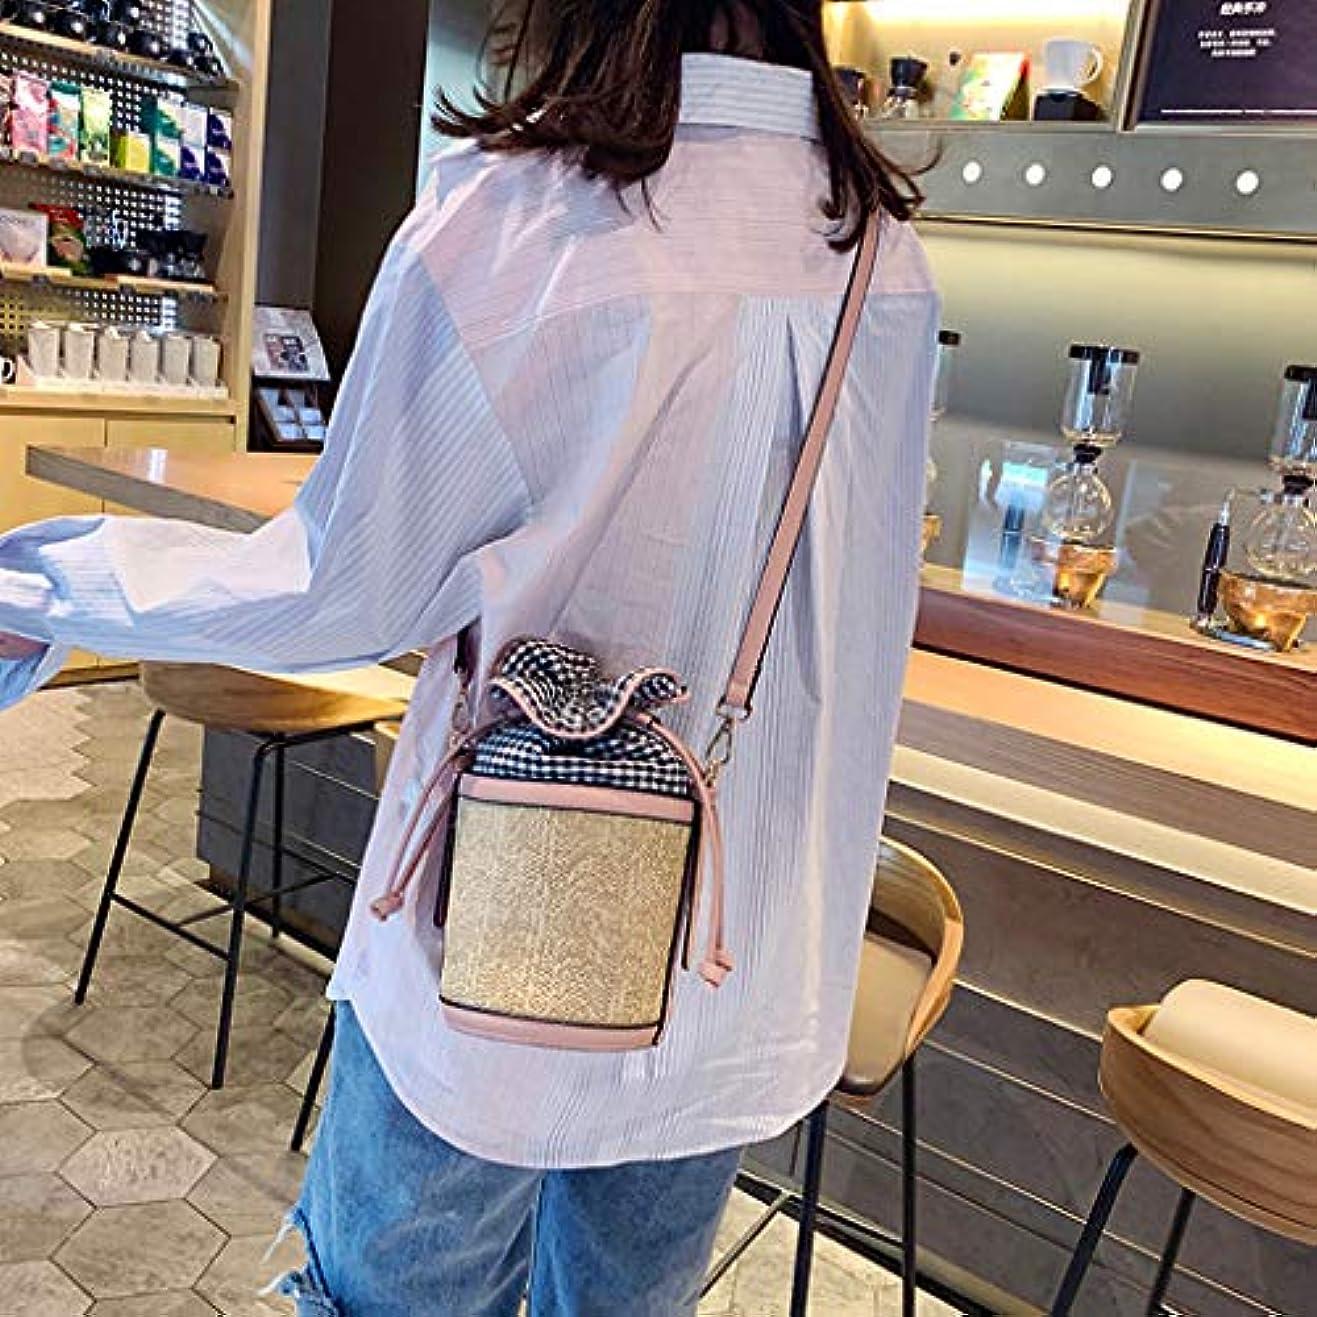 毎週置き場月曜ファッション女性レトロ織り格子革バケットバッグクロスボディバッグショルダーバッグ、女性のヴィンテージ織格子縞ステッチバケットバッグ斜めバッグ (ピンク)